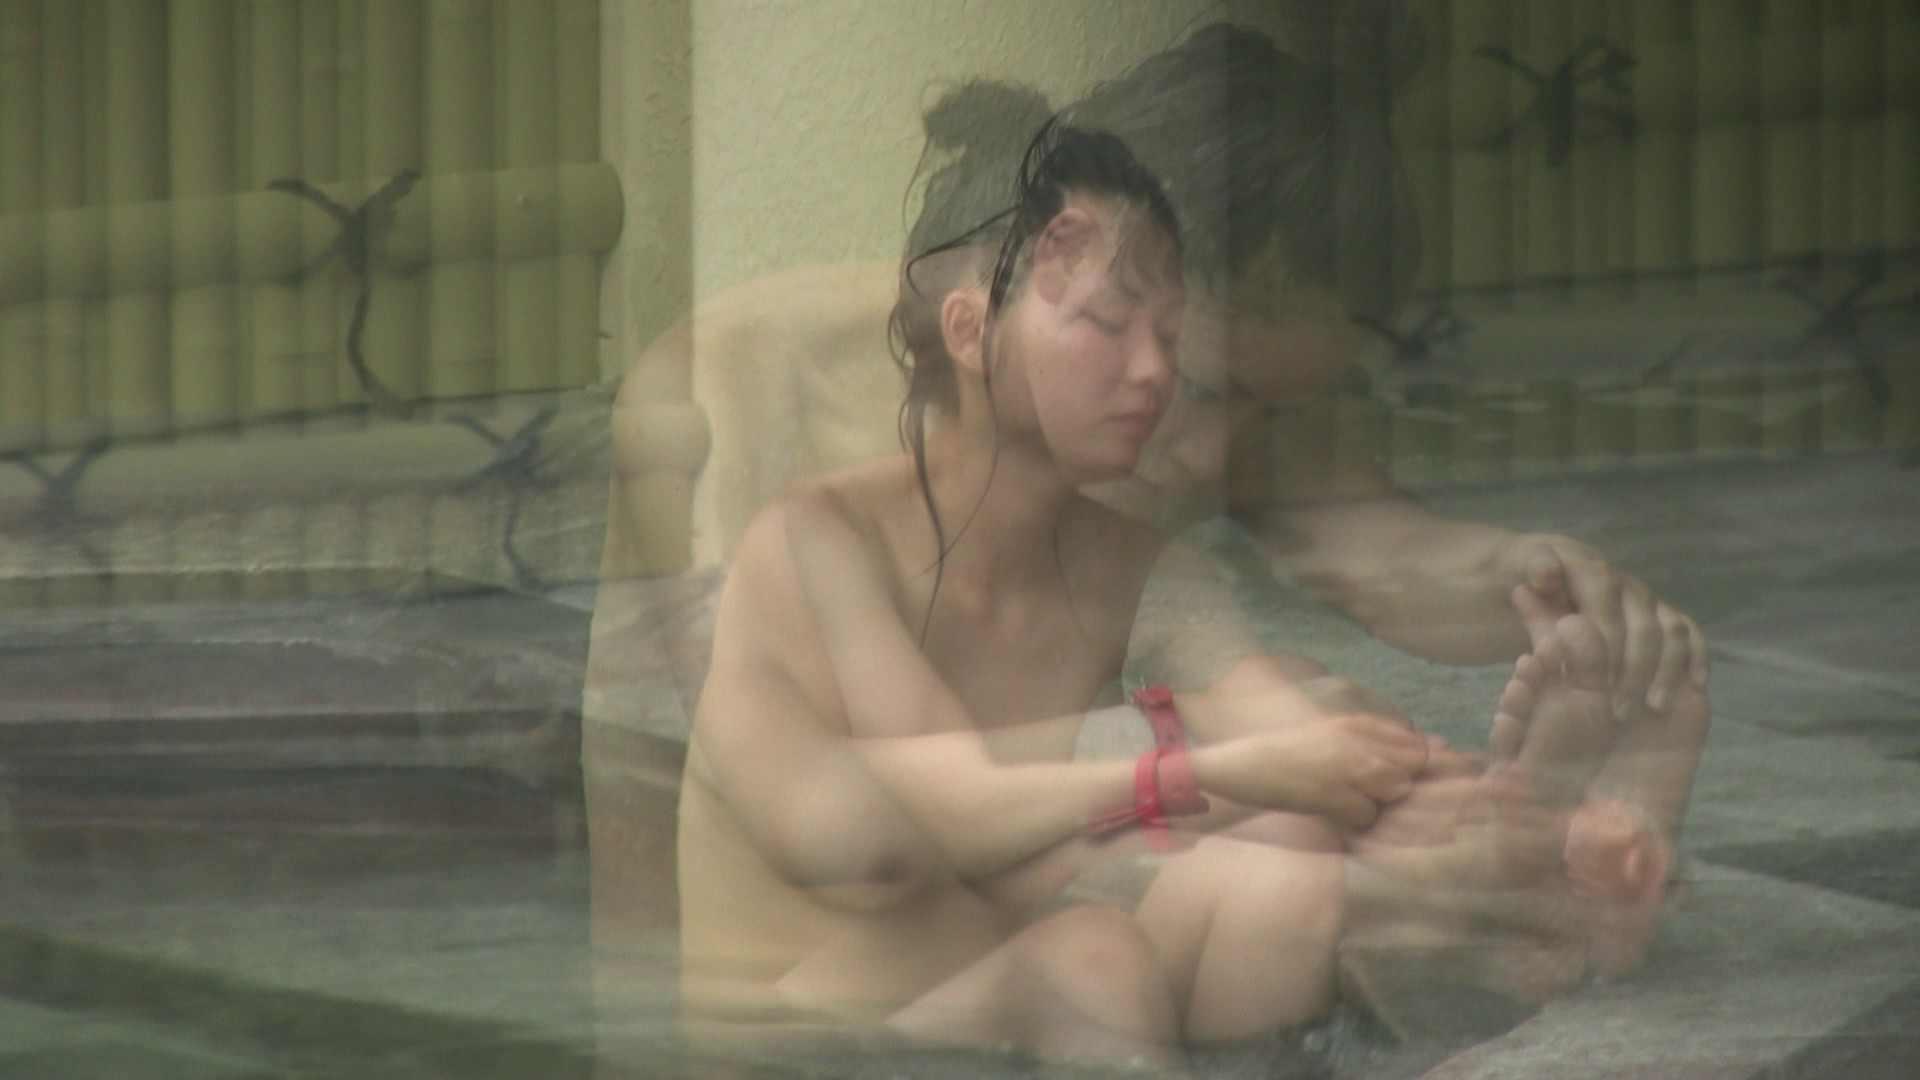 Aquaな露天風呂Vol.137 盗撮 覗きおまんこ画像 76連発 17